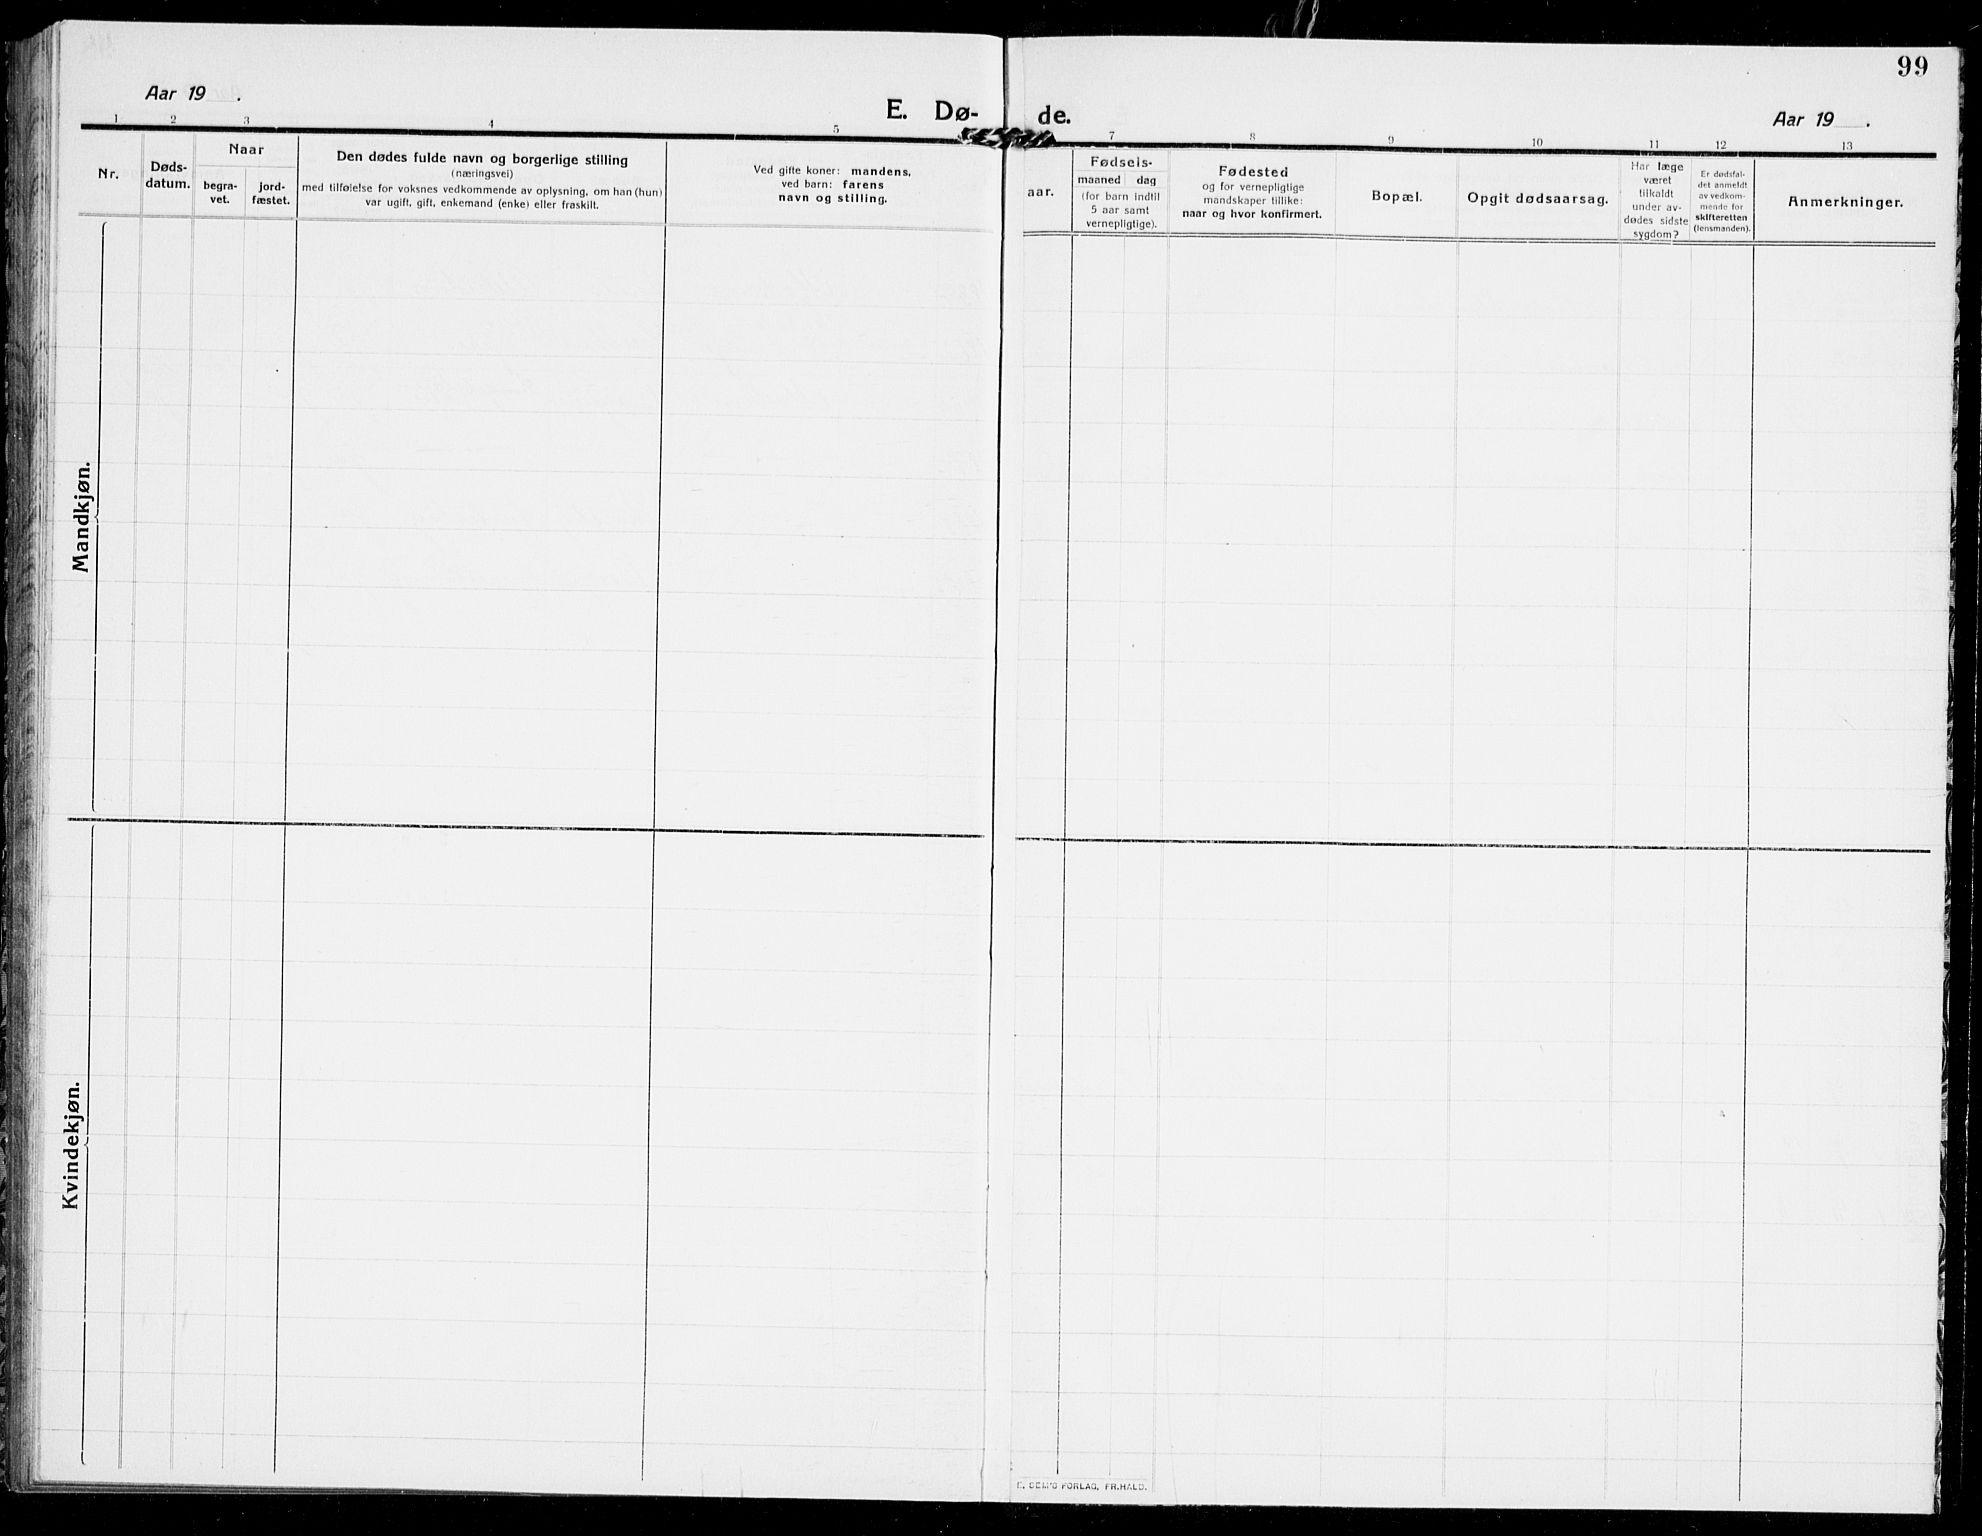 SAKO, Modum kirkebøker, G/Ga/L0011: Klokkerbok nr. I 11, 1910-1925, s. 99